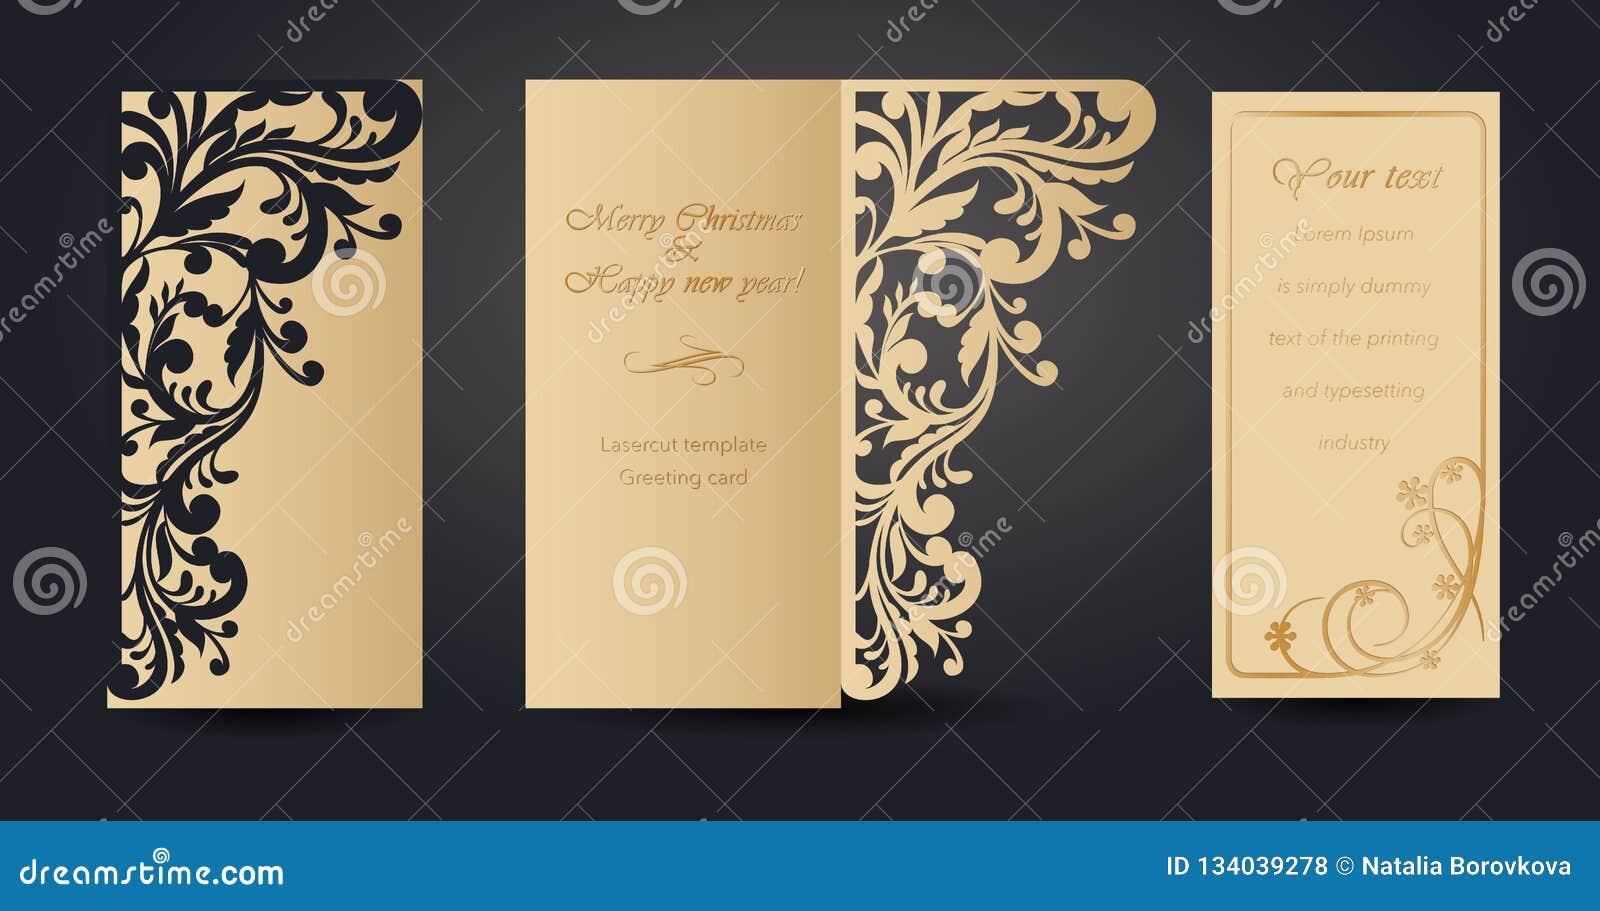 Diseño De La Tarjeta De Felicitación De La Navidad Para El